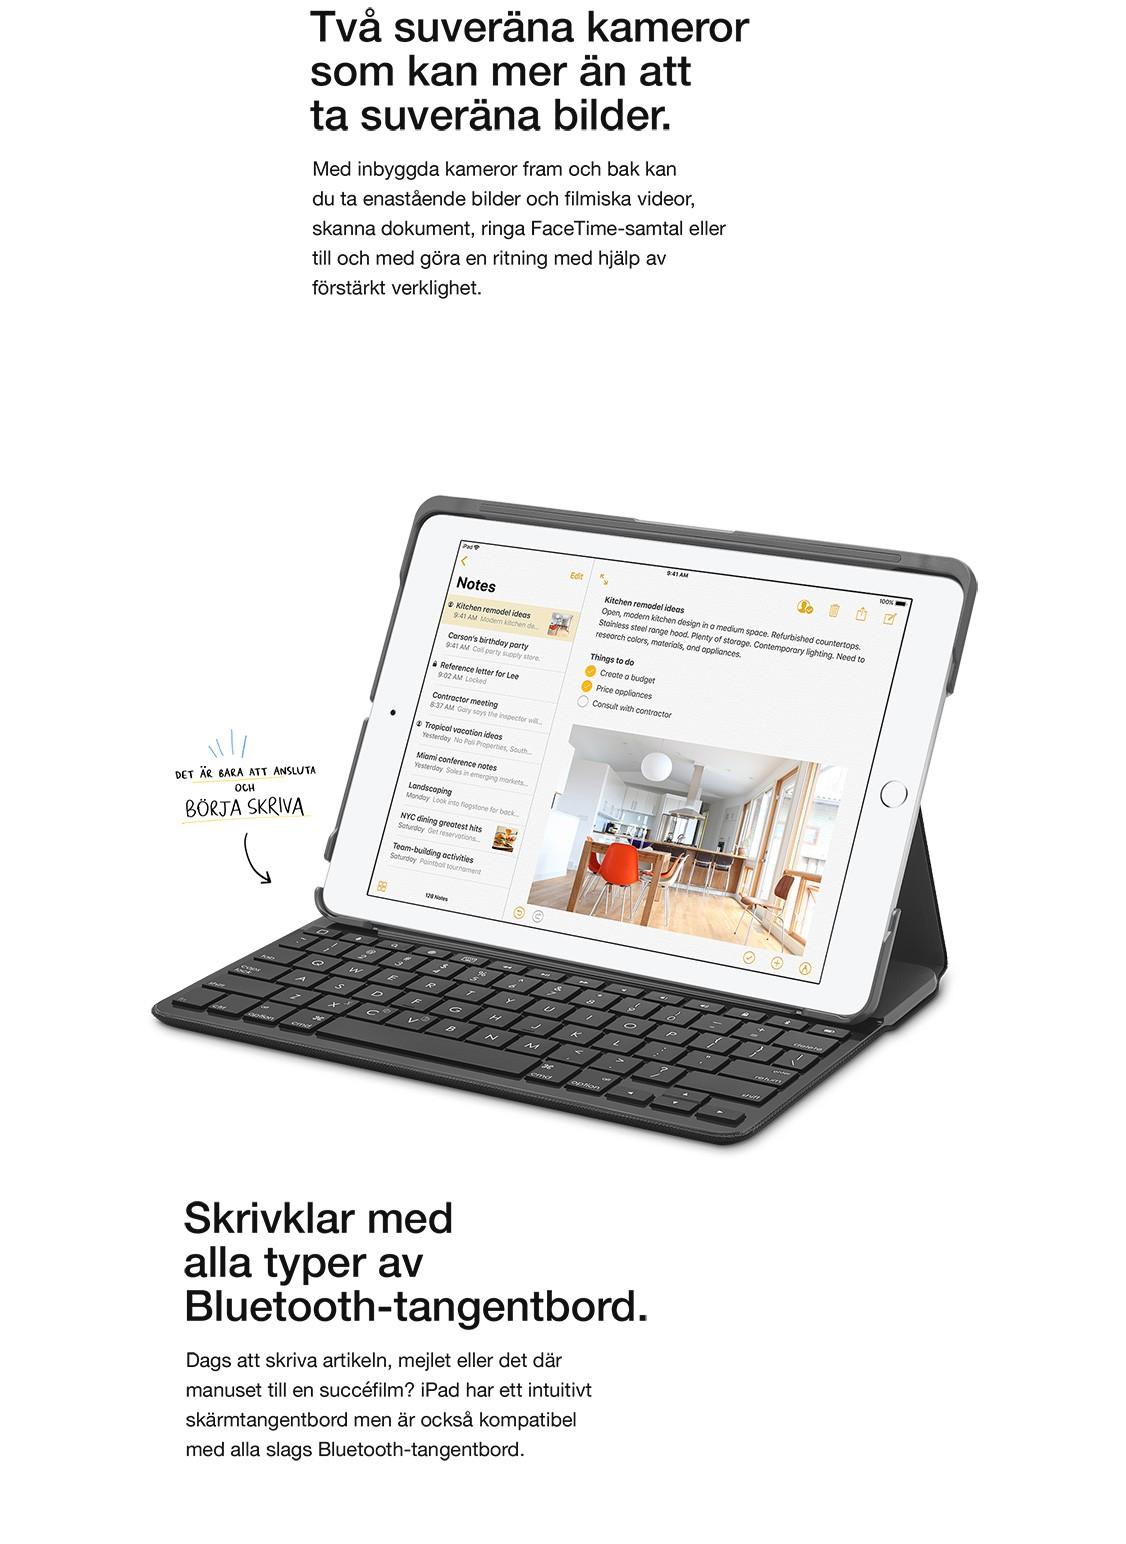 Den nya iPaden är kompatibel med alla Bluetooth-tangentbord